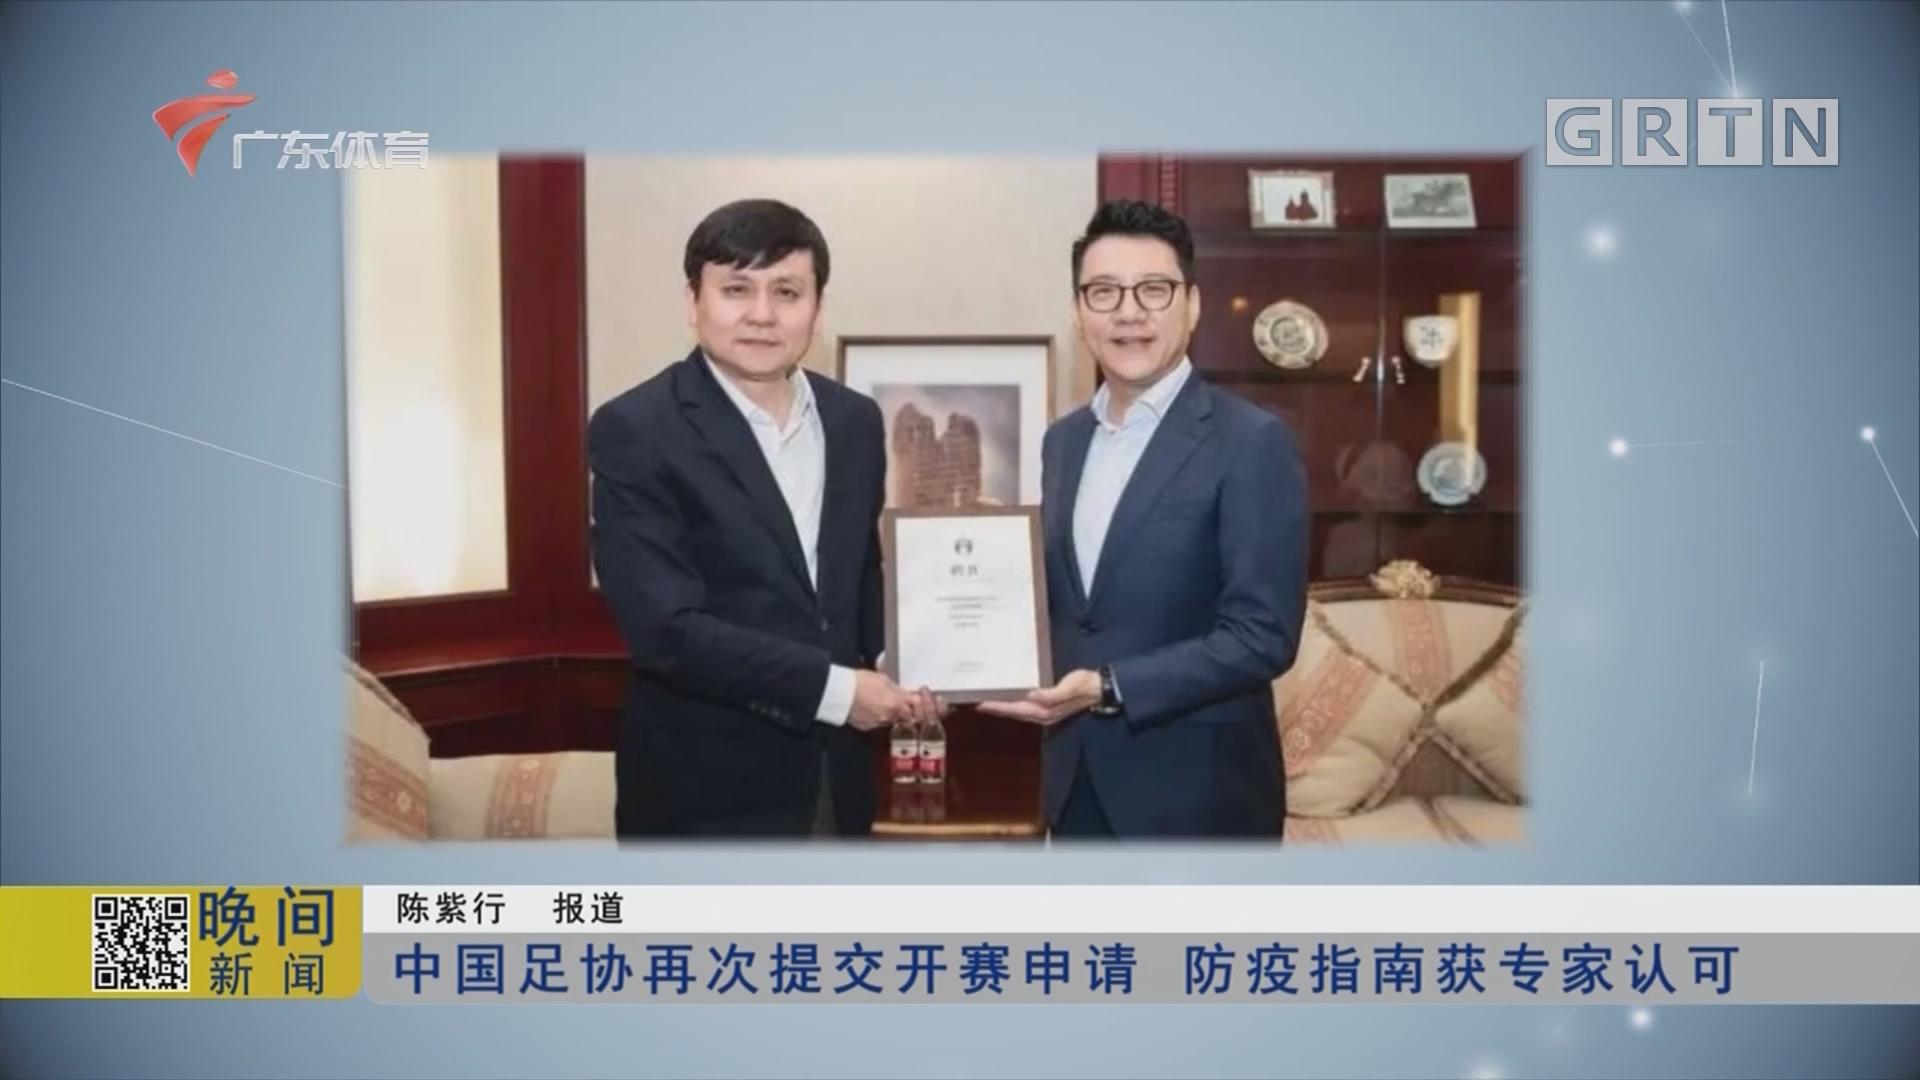 中国足协再次提交开赛申请 防疫指南获专家认可